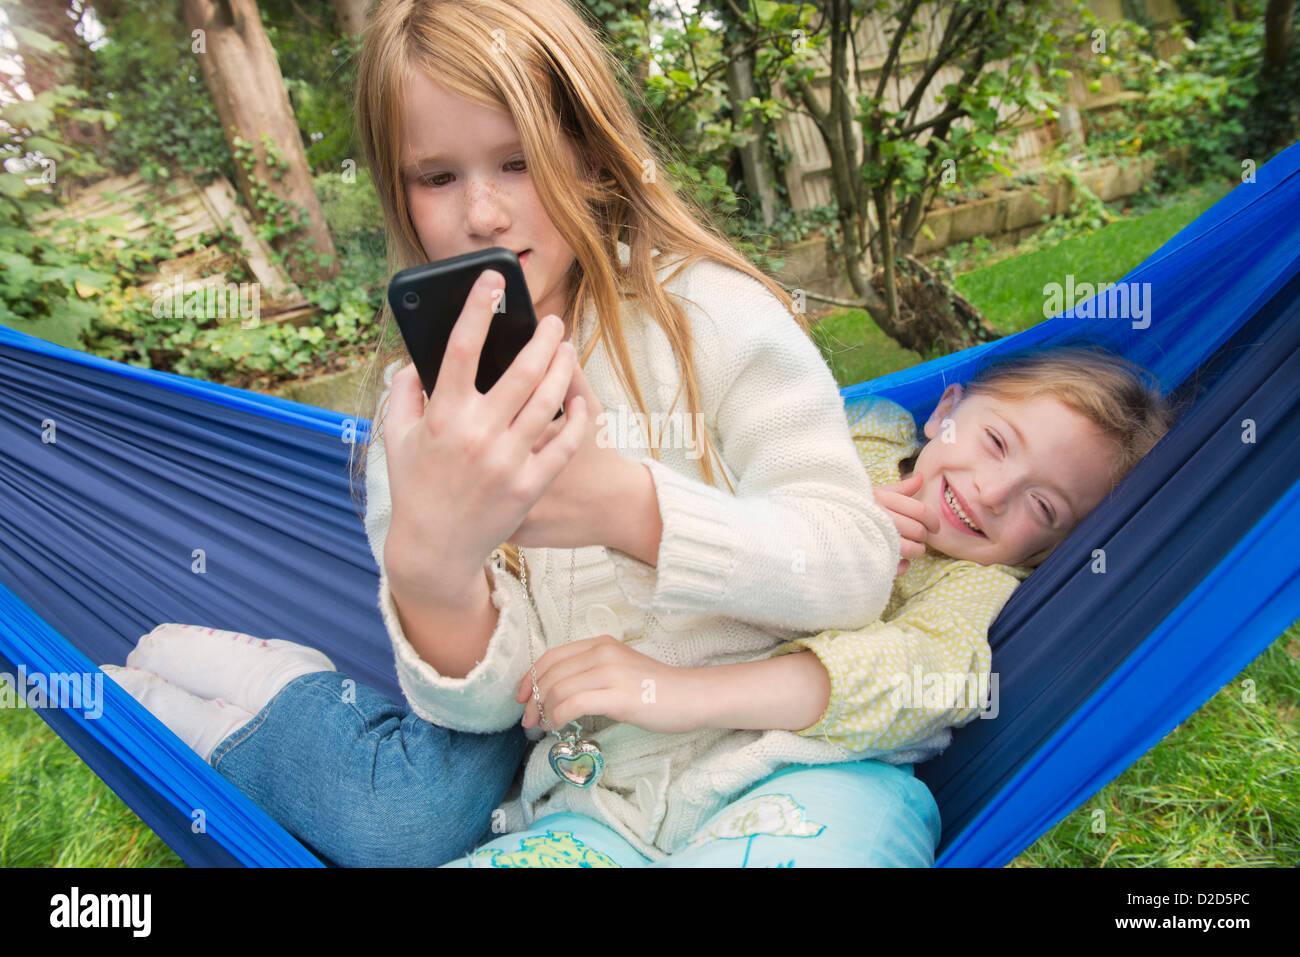 Children relaxing in hammock Photo Stock